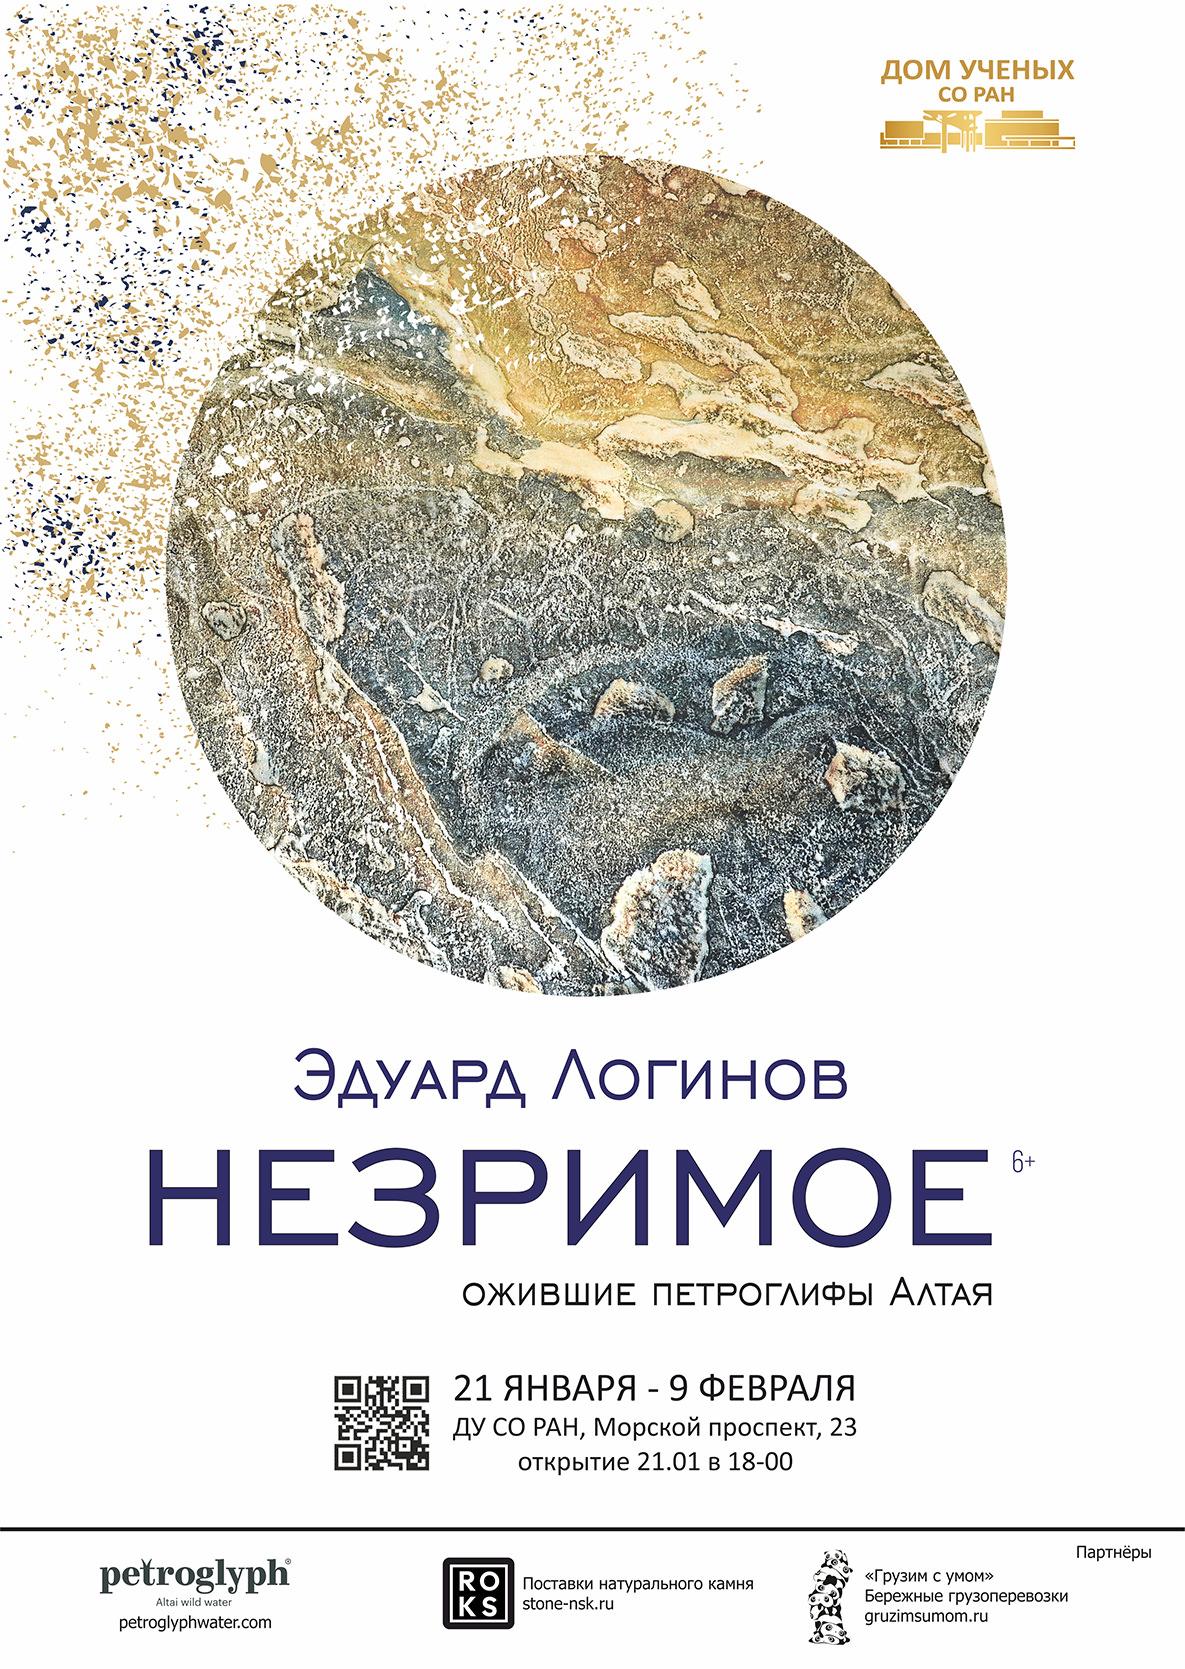 Выставка: «Незримое». Ожившие петроглифы Алтая